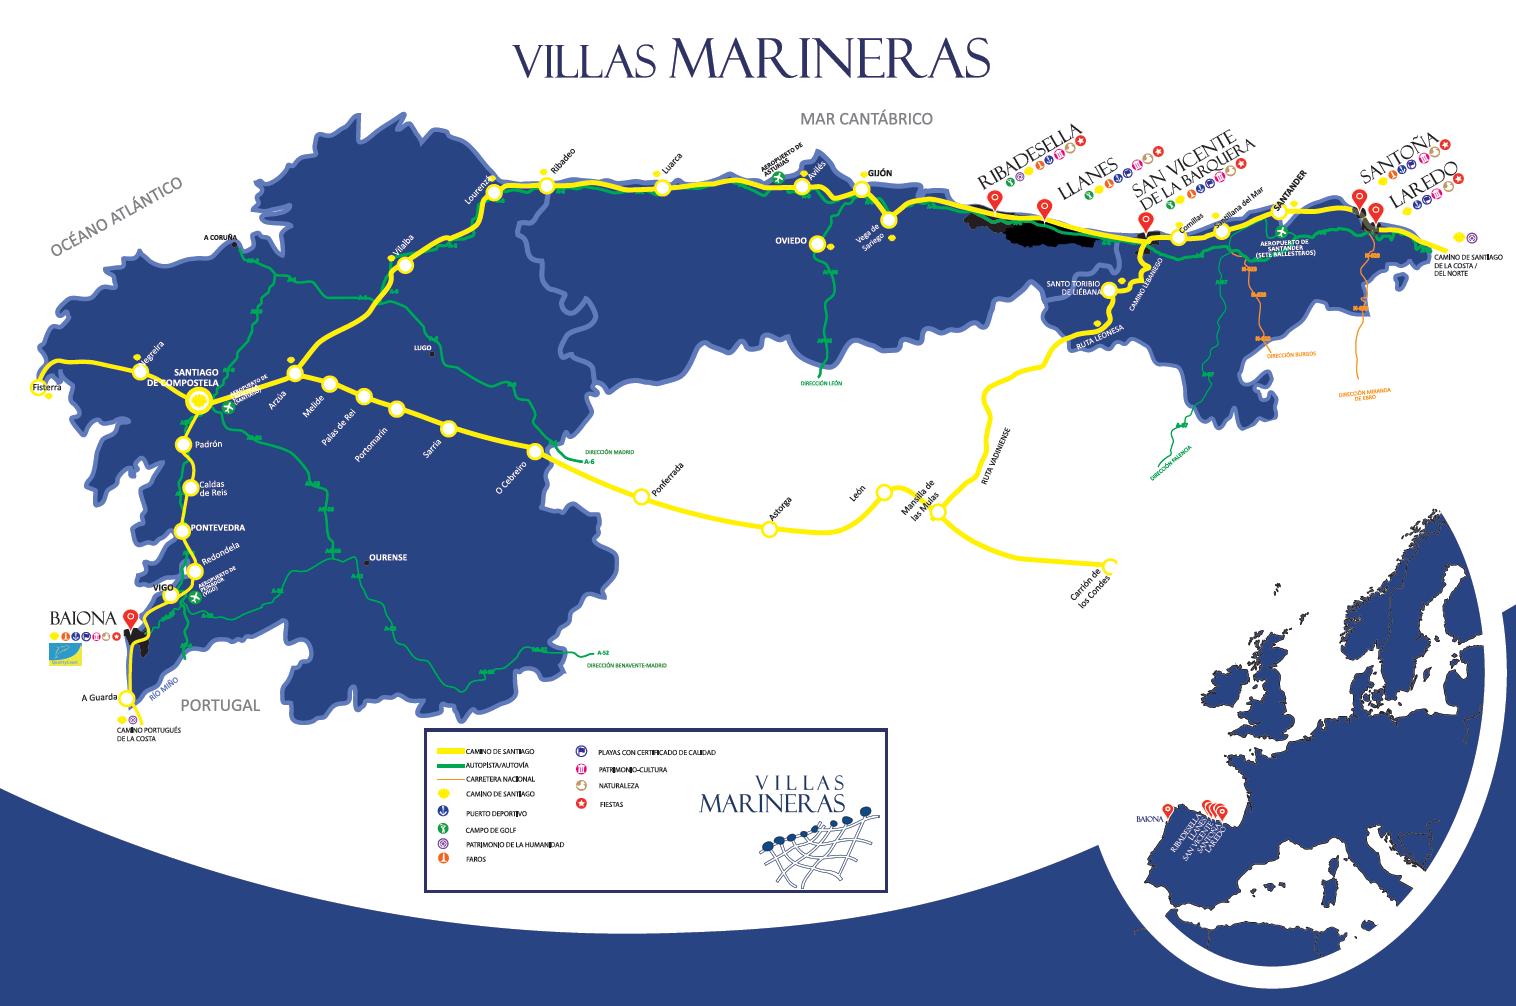 Mapa Villas Marineras